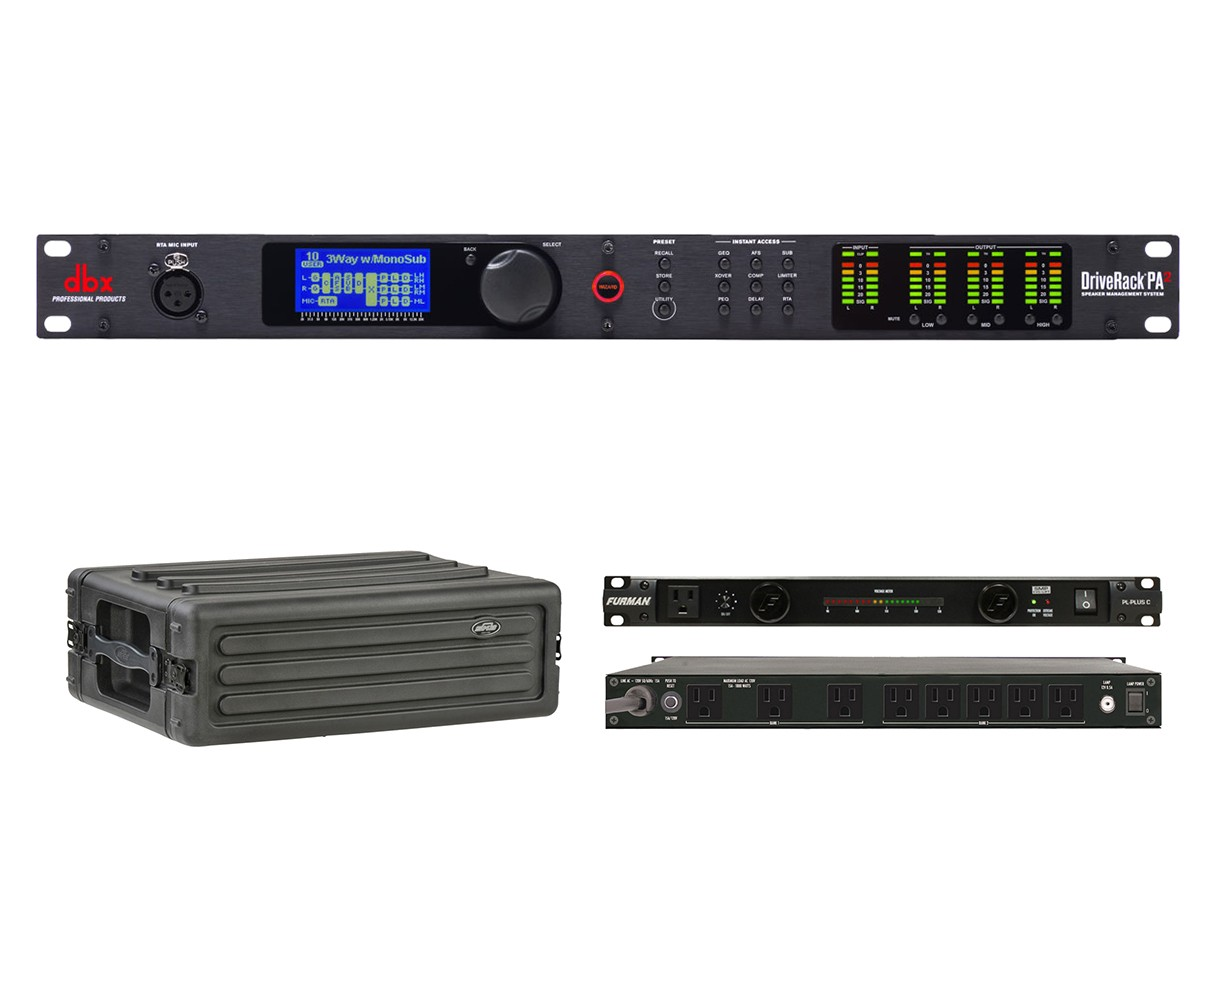 dbx DriveRack PA2 + SKB 1SKB-R3S + Furman PL-Plus C